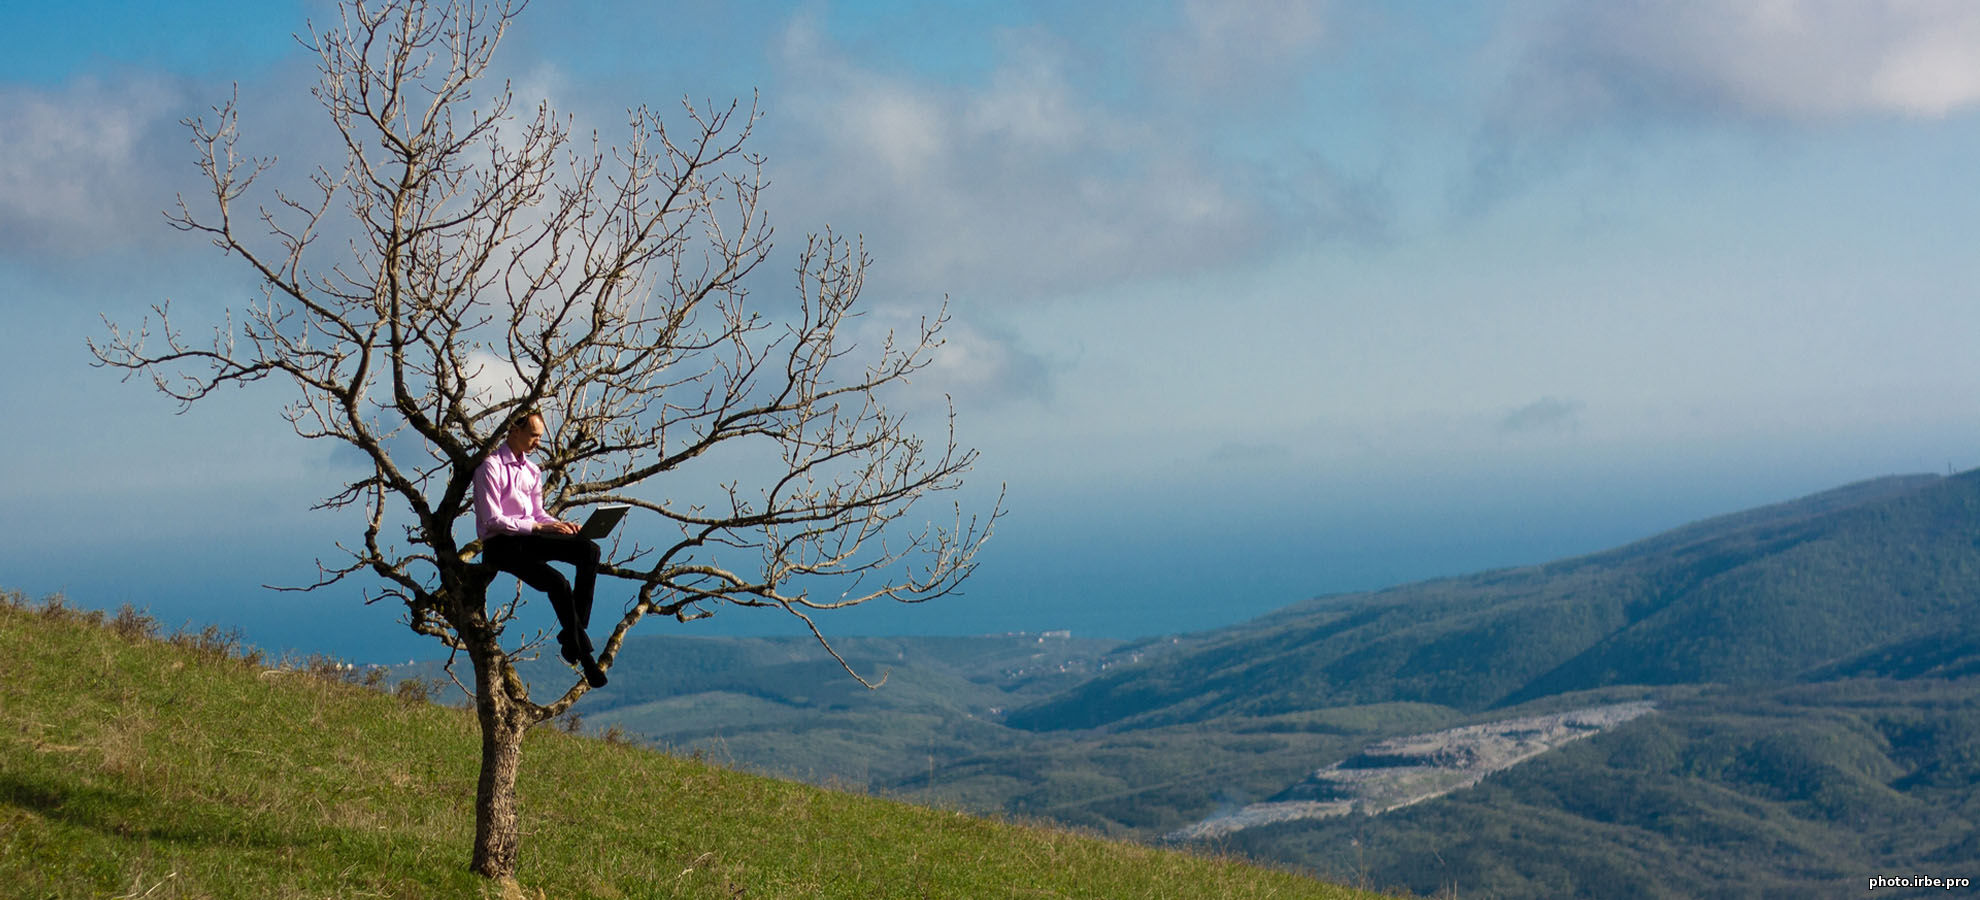 профессиональное фото мужчины, сидящего на ветке дерева, которое растет на Маркхотском хребте рядом с Кабардинкой